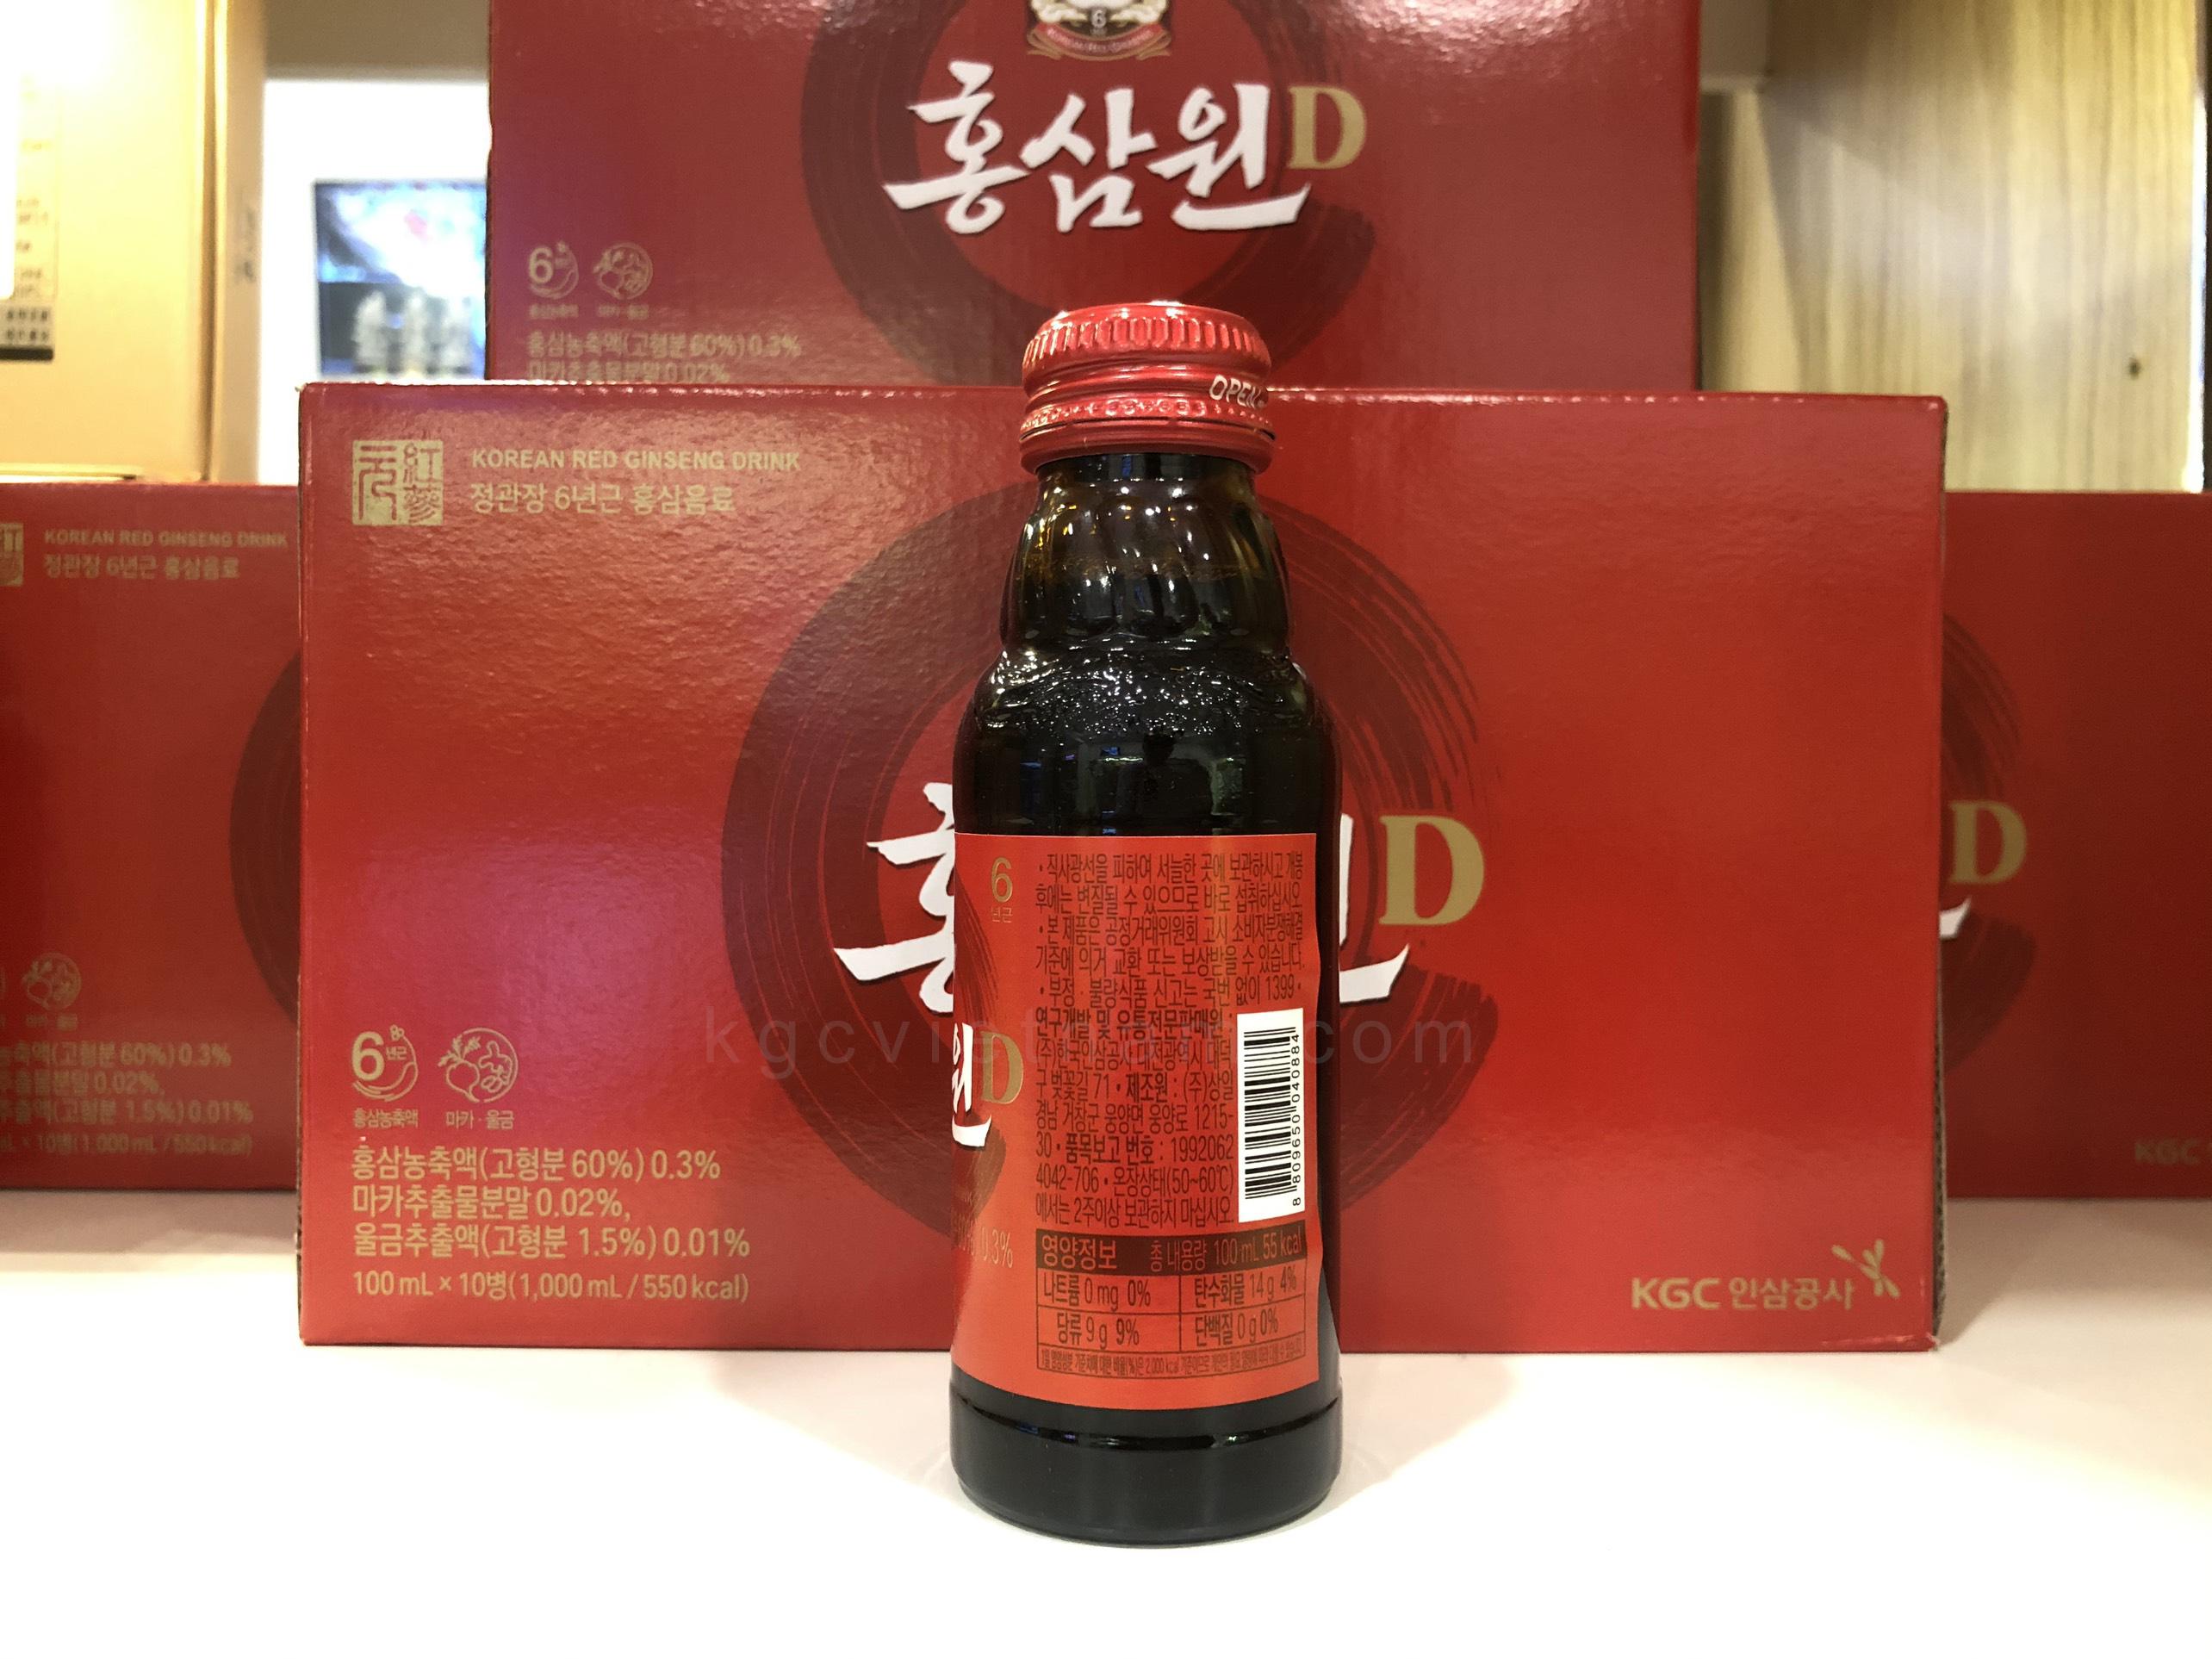 nước hồng sâm khc won 10 chai cheong kwan jang